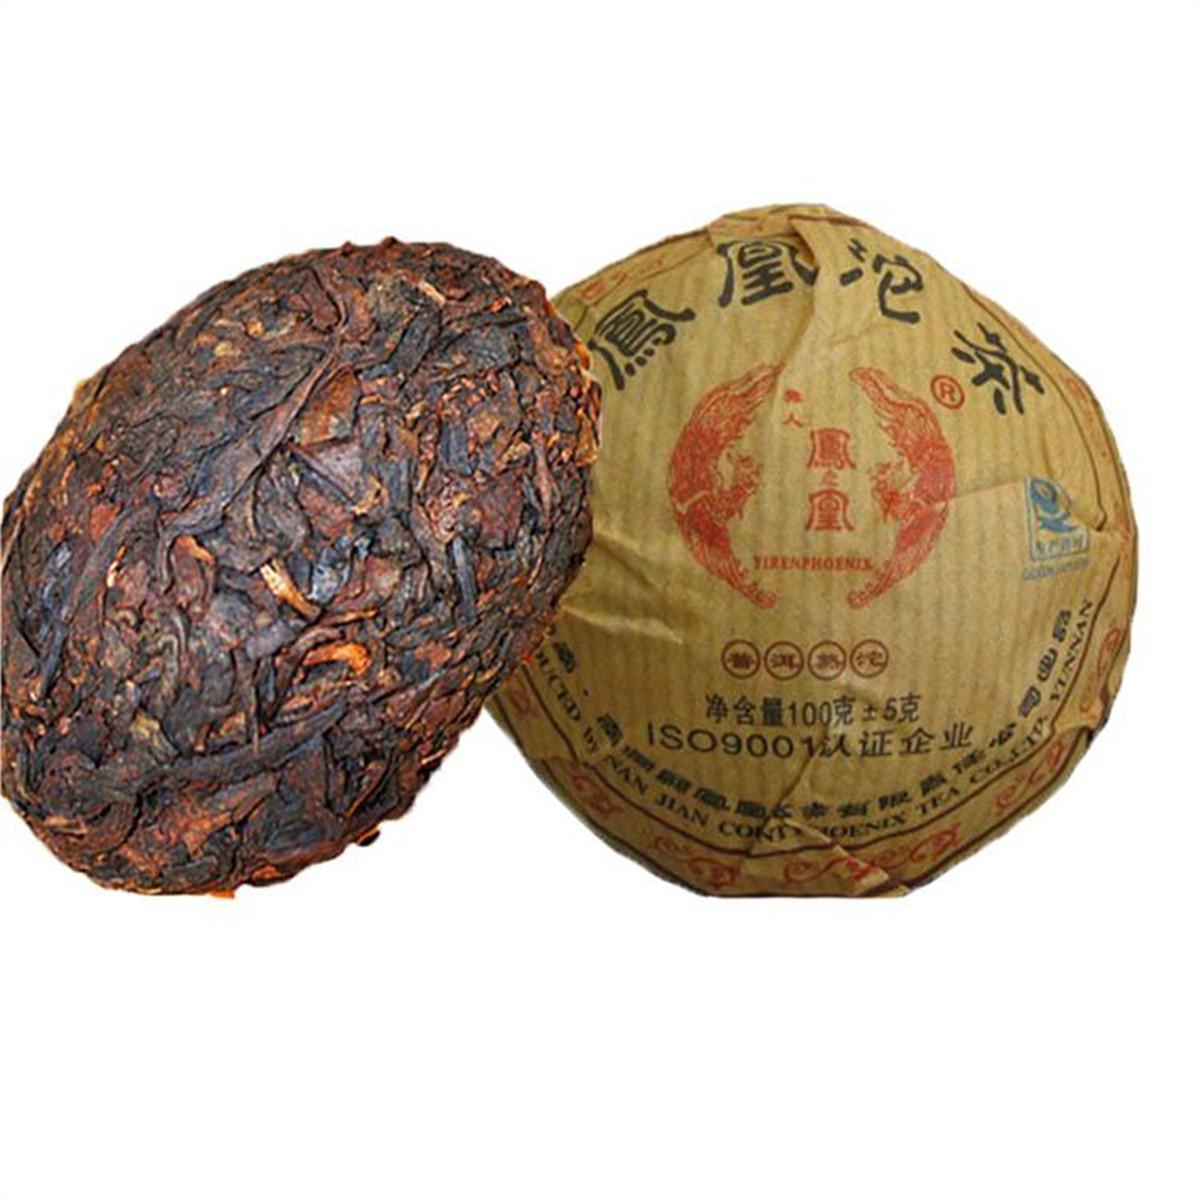 100 g Yunnan classique Arbre Ancien Ripe Puer thé Gâteau Tuo Cha Bio Naturel Thé noir Puer cuit préféré